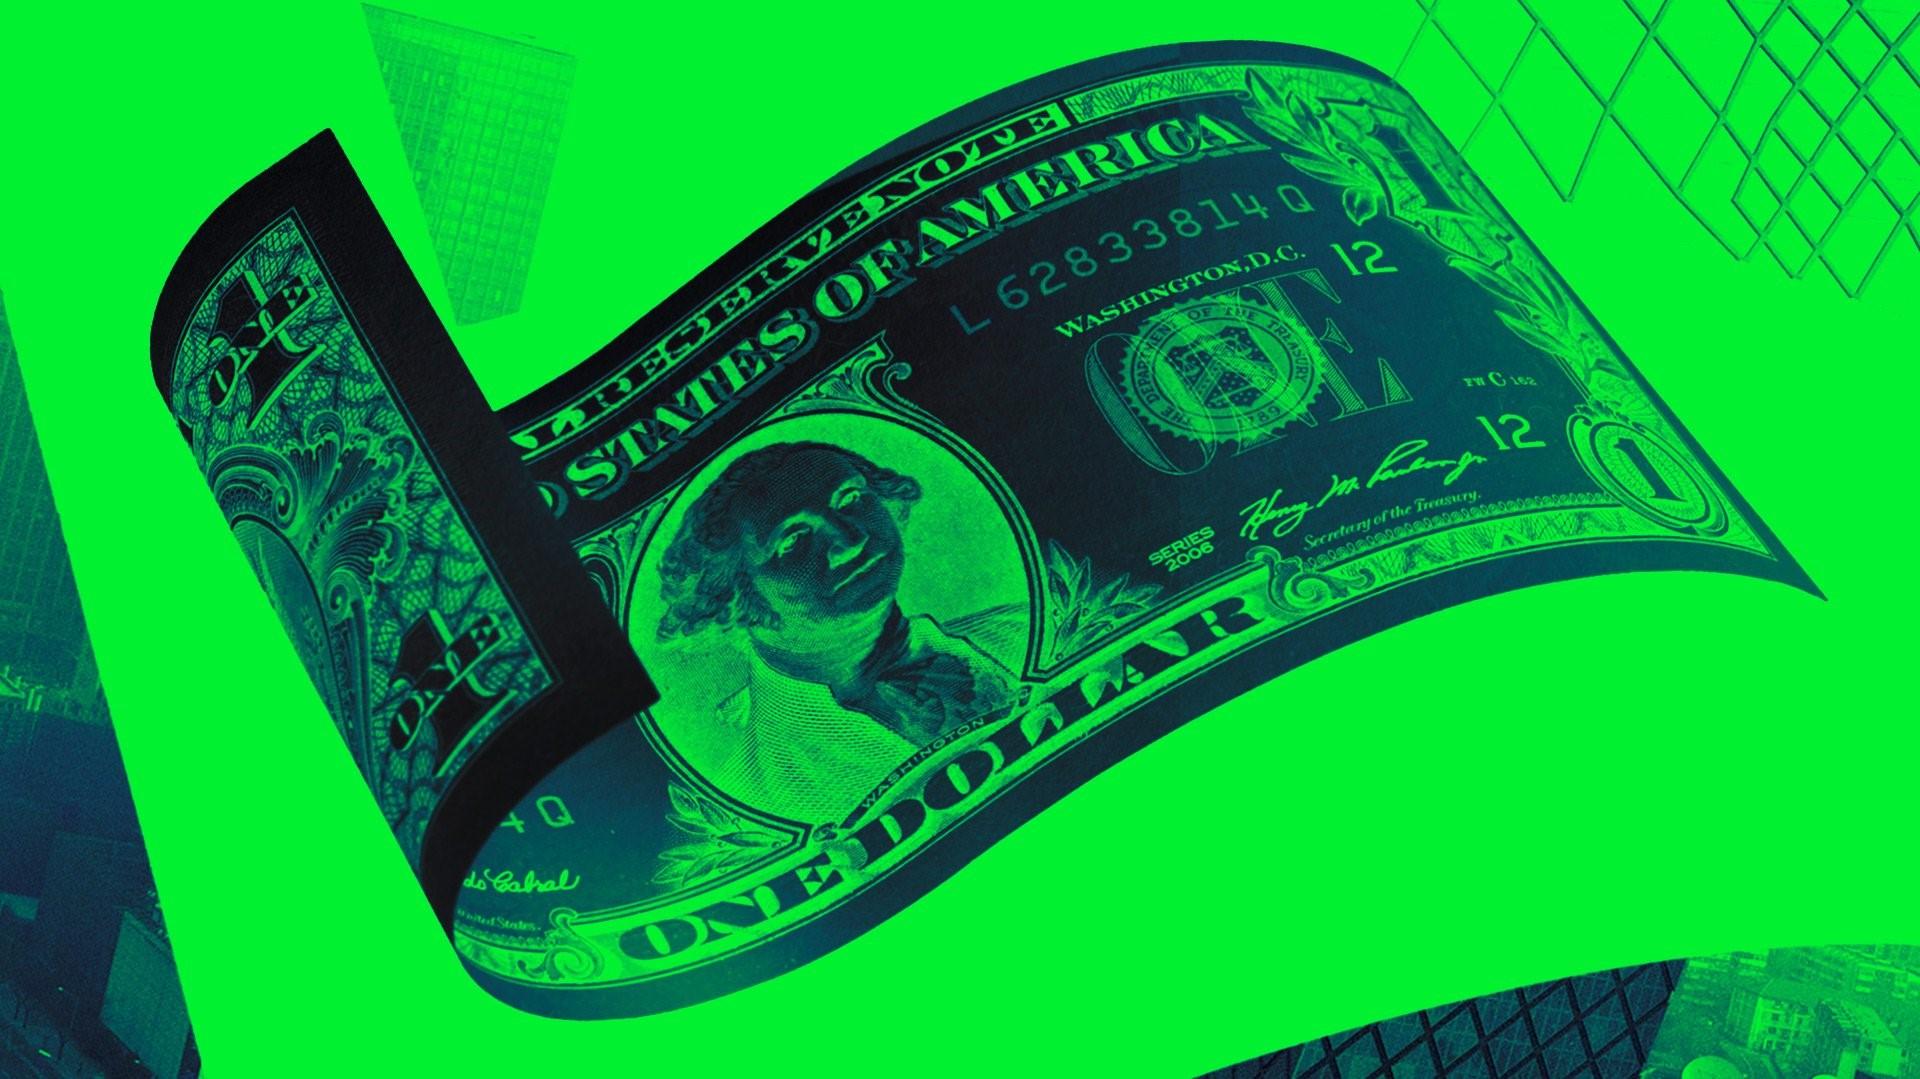 همکاری با کنگره در زمینه دلار دیجیتال